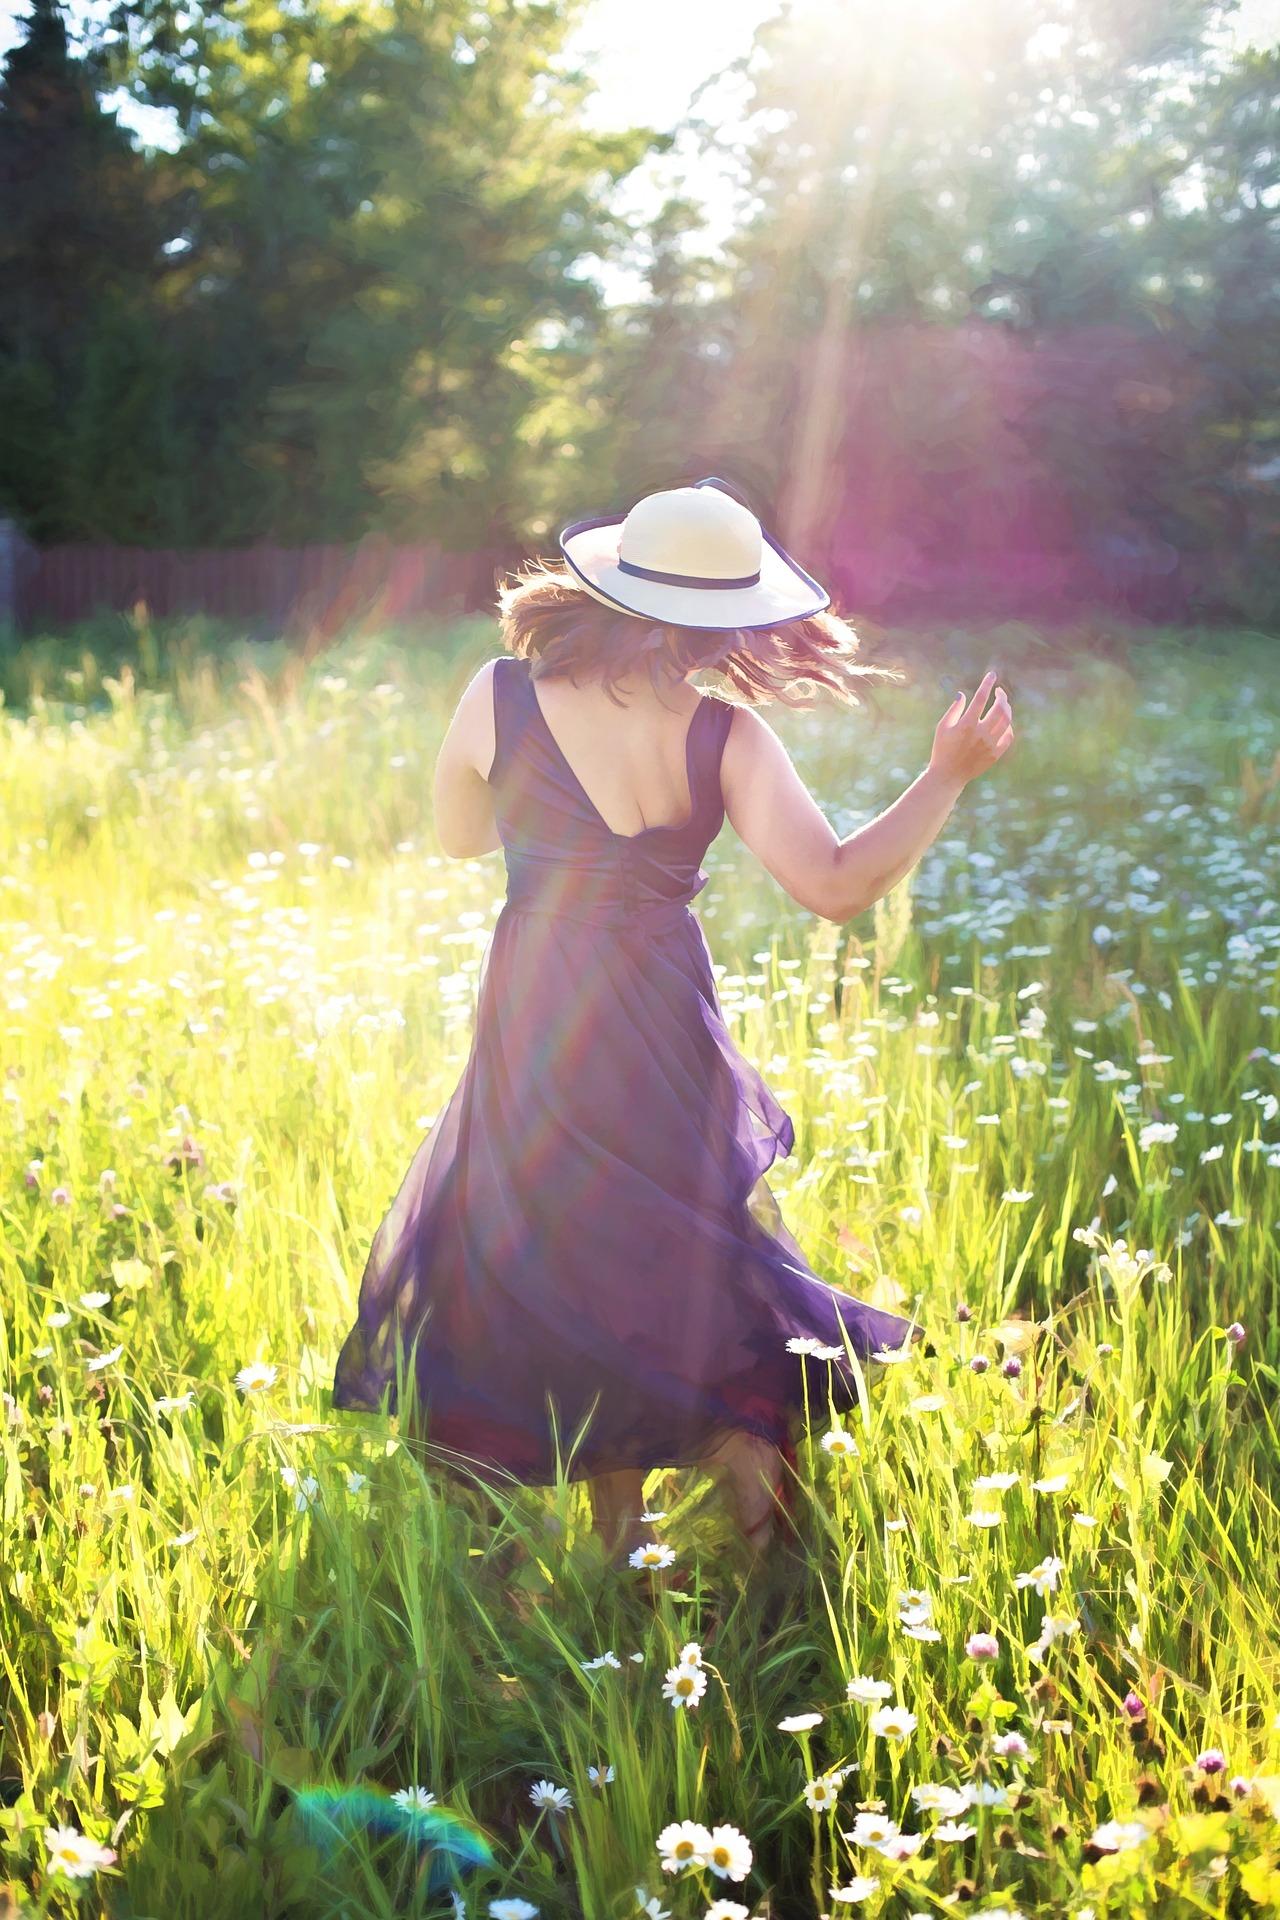 pretty-woman-dancing-in-field